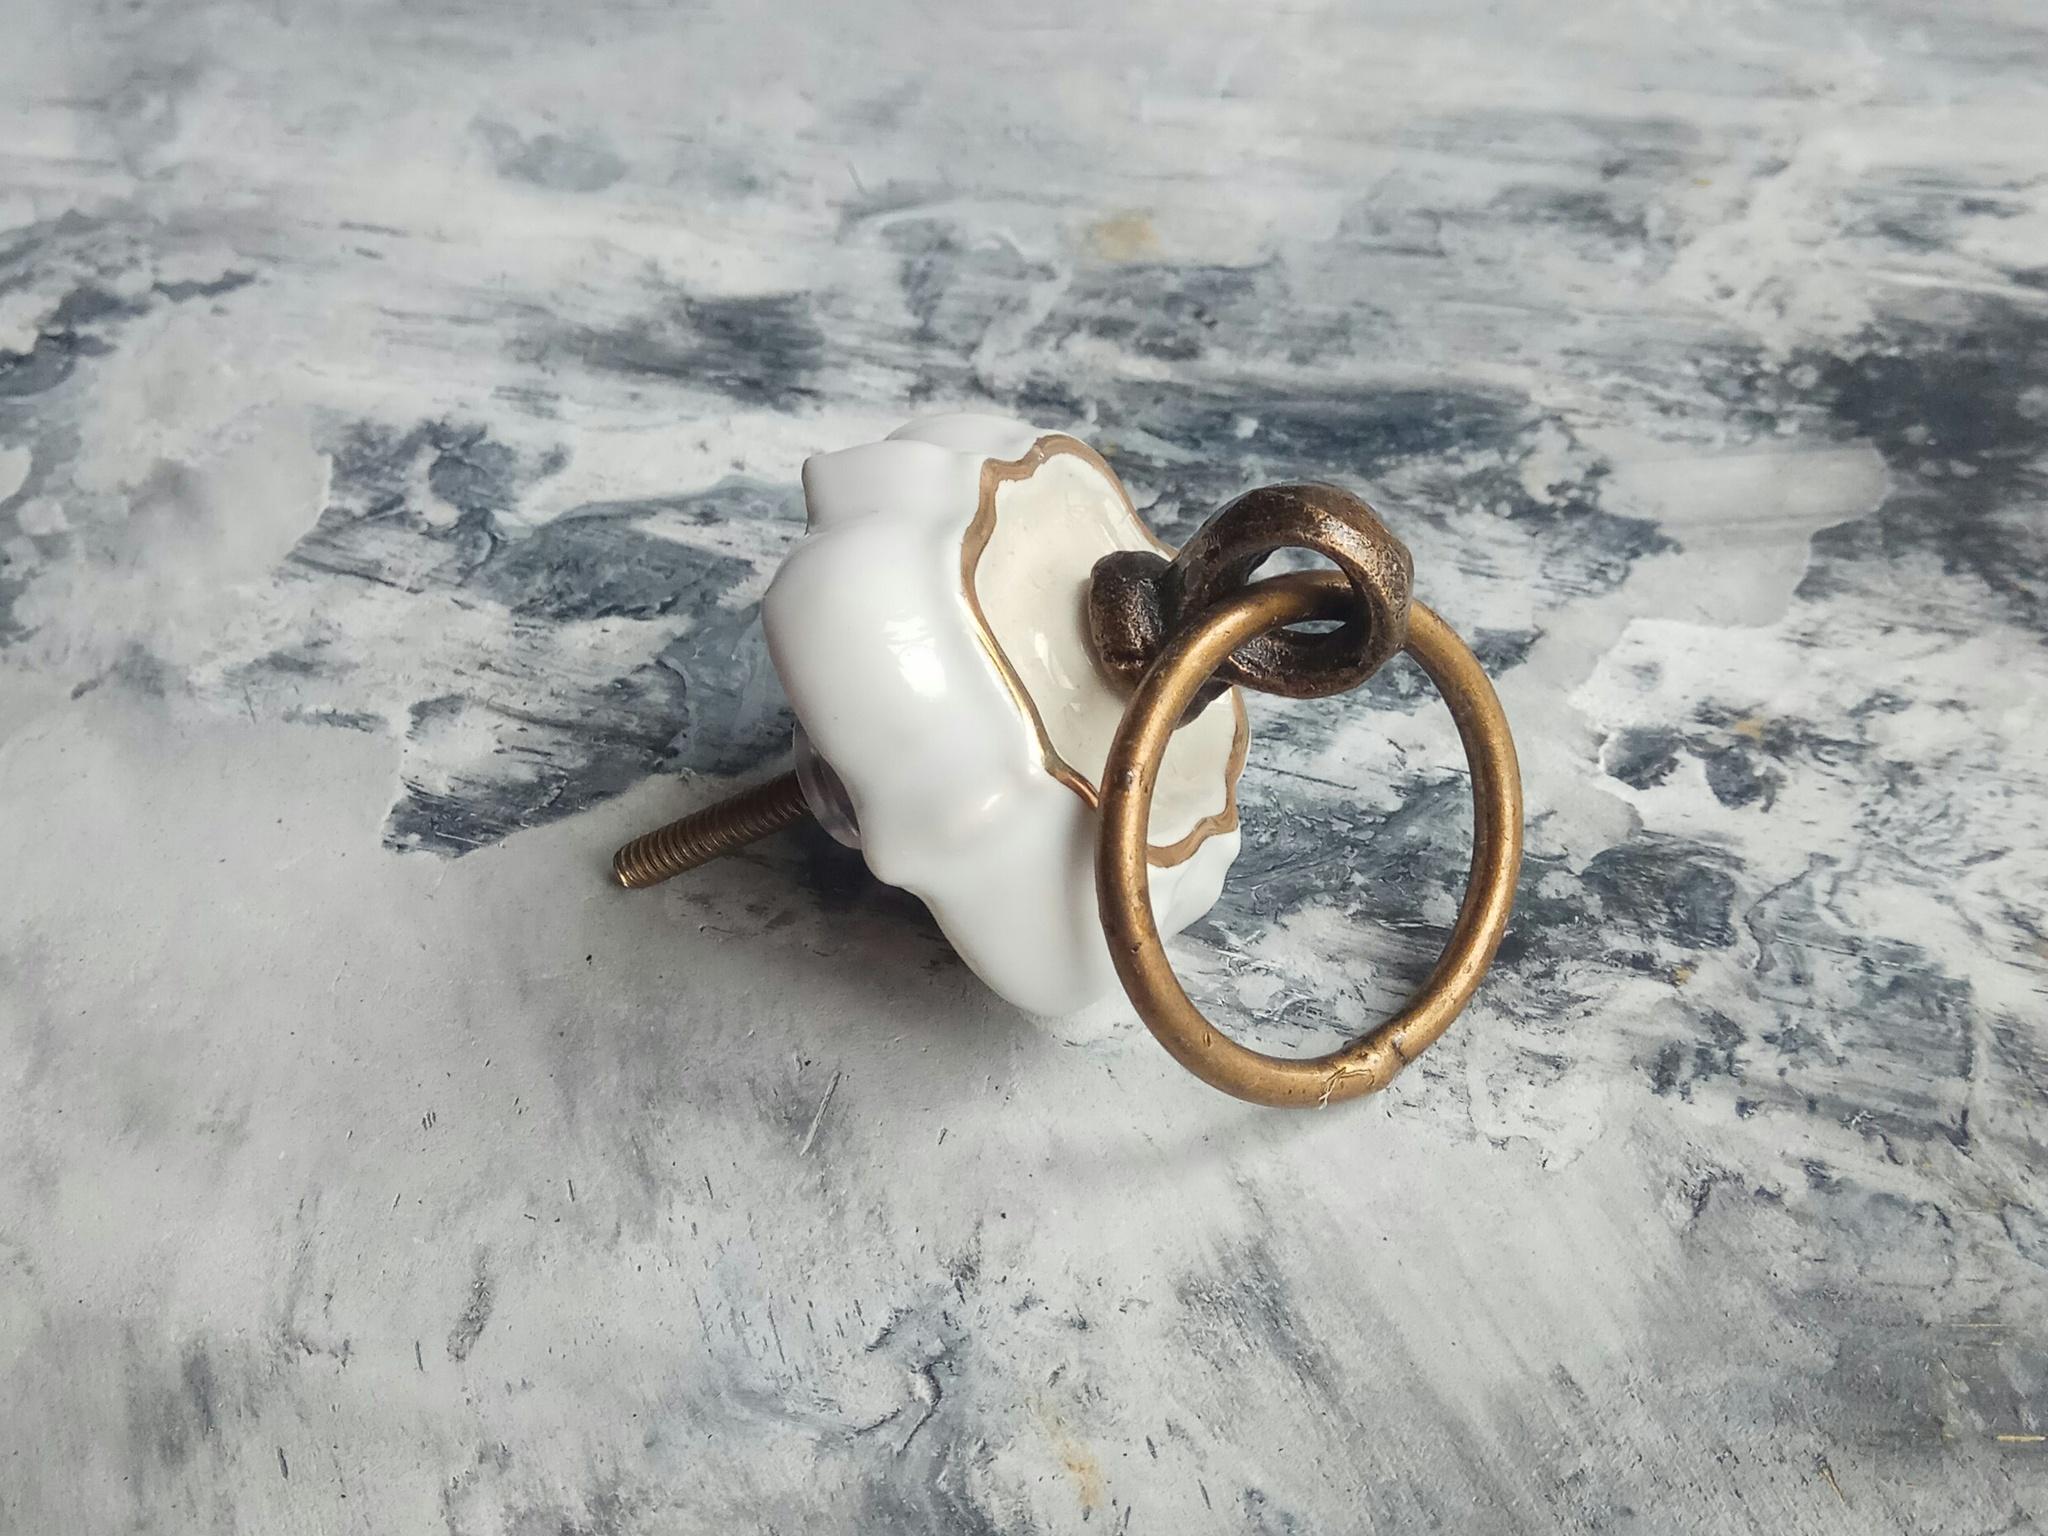 Ручка мебельная керамическая с кольцом, арт. 00001081